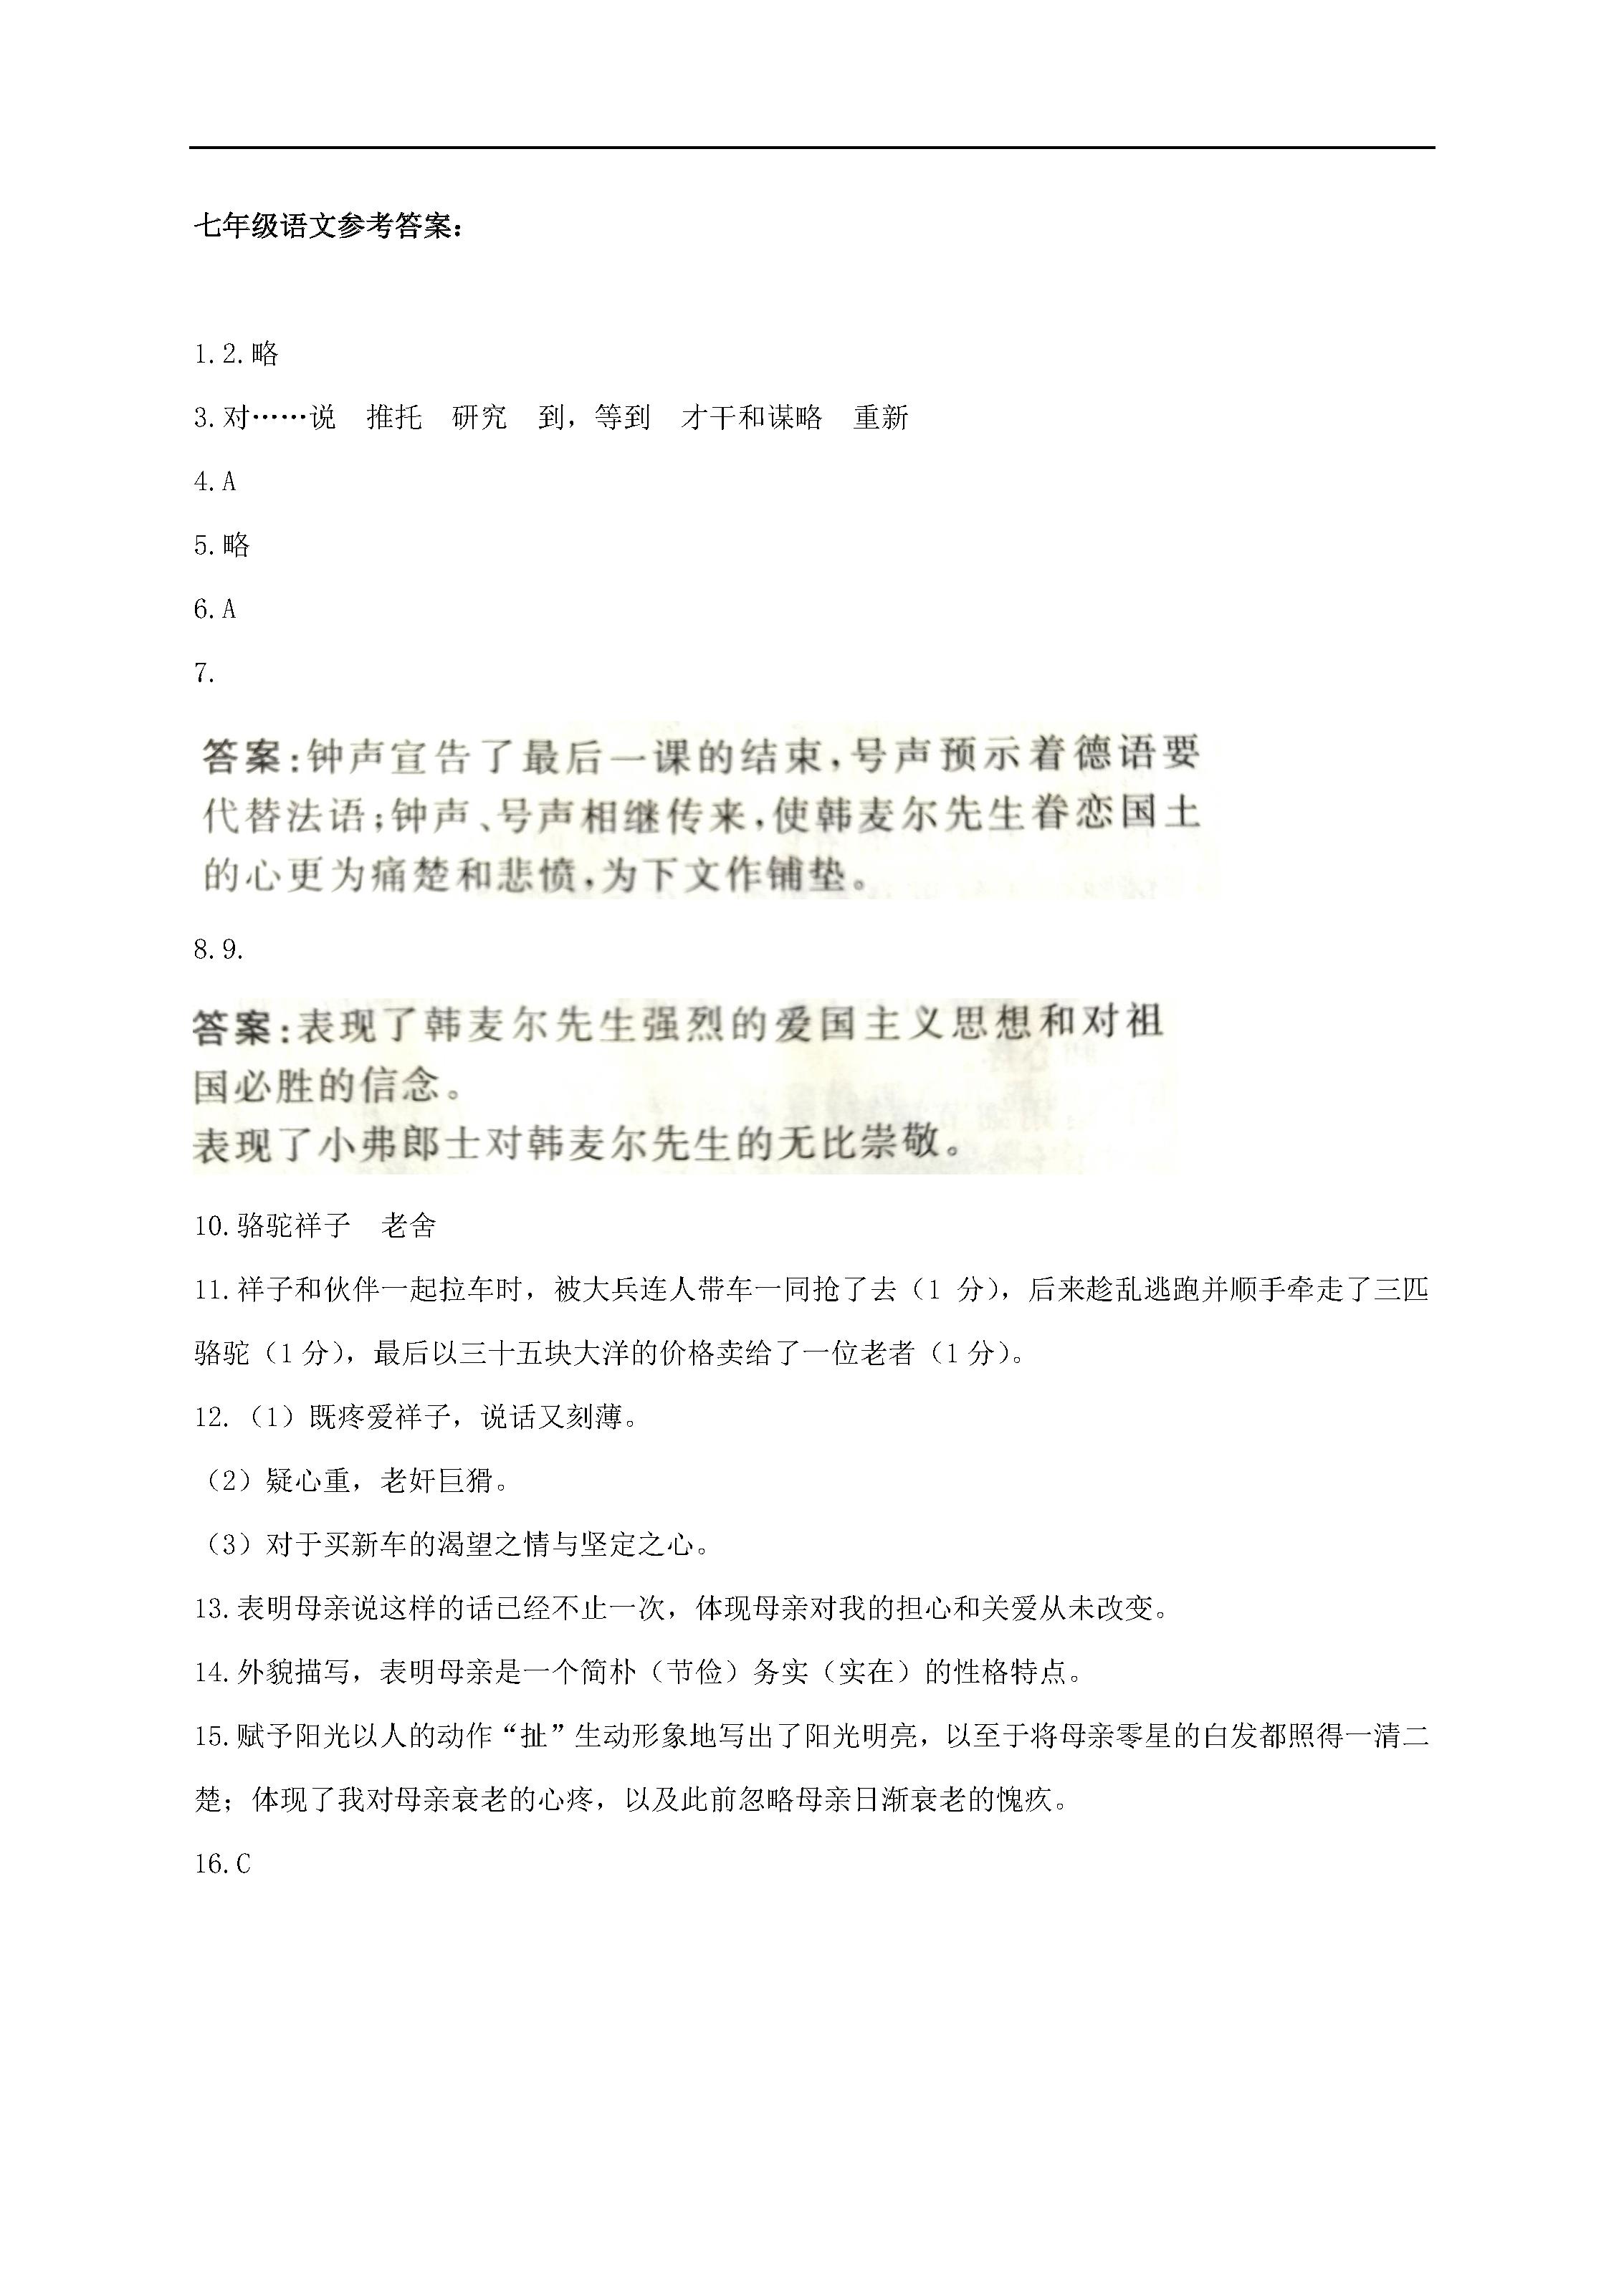 2017江苏徐州三中实验学校七年级次月考语文试题答案(Word版)